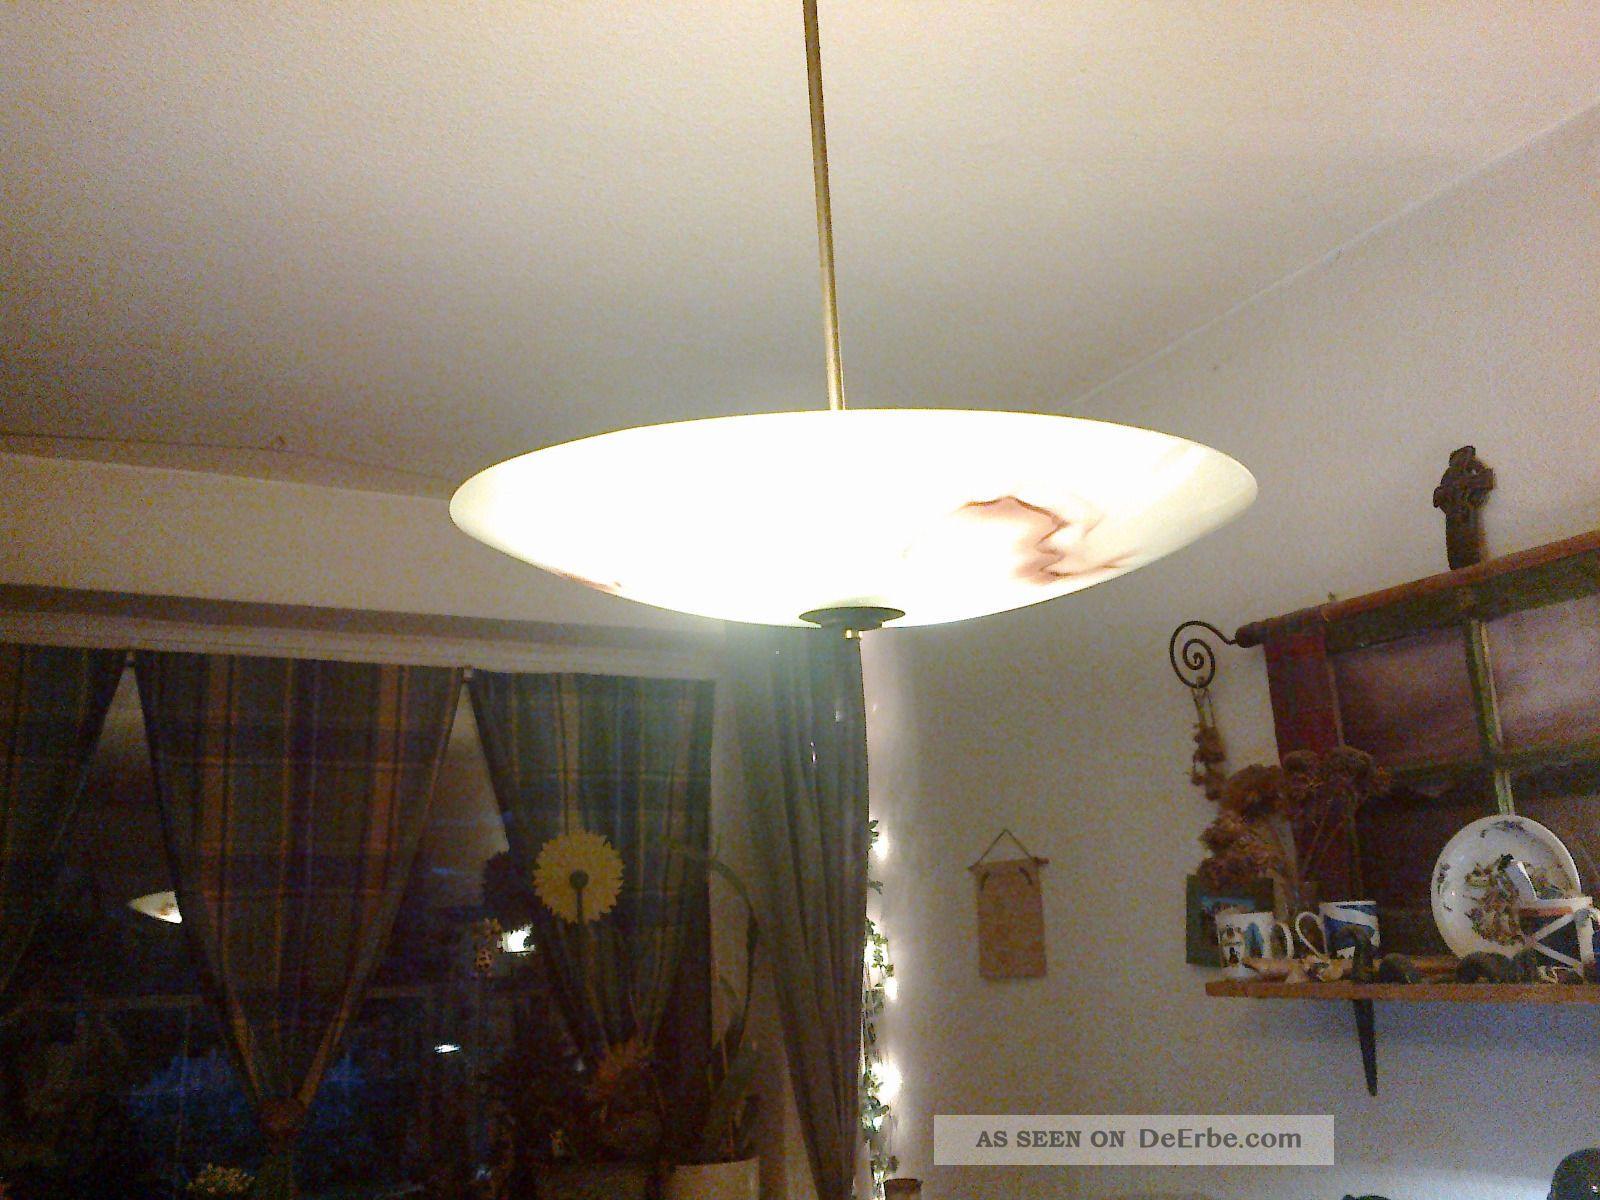 Deckenlampe Plafoniere : Deckenlampe plafoniere ufolampe opalglas er jahre